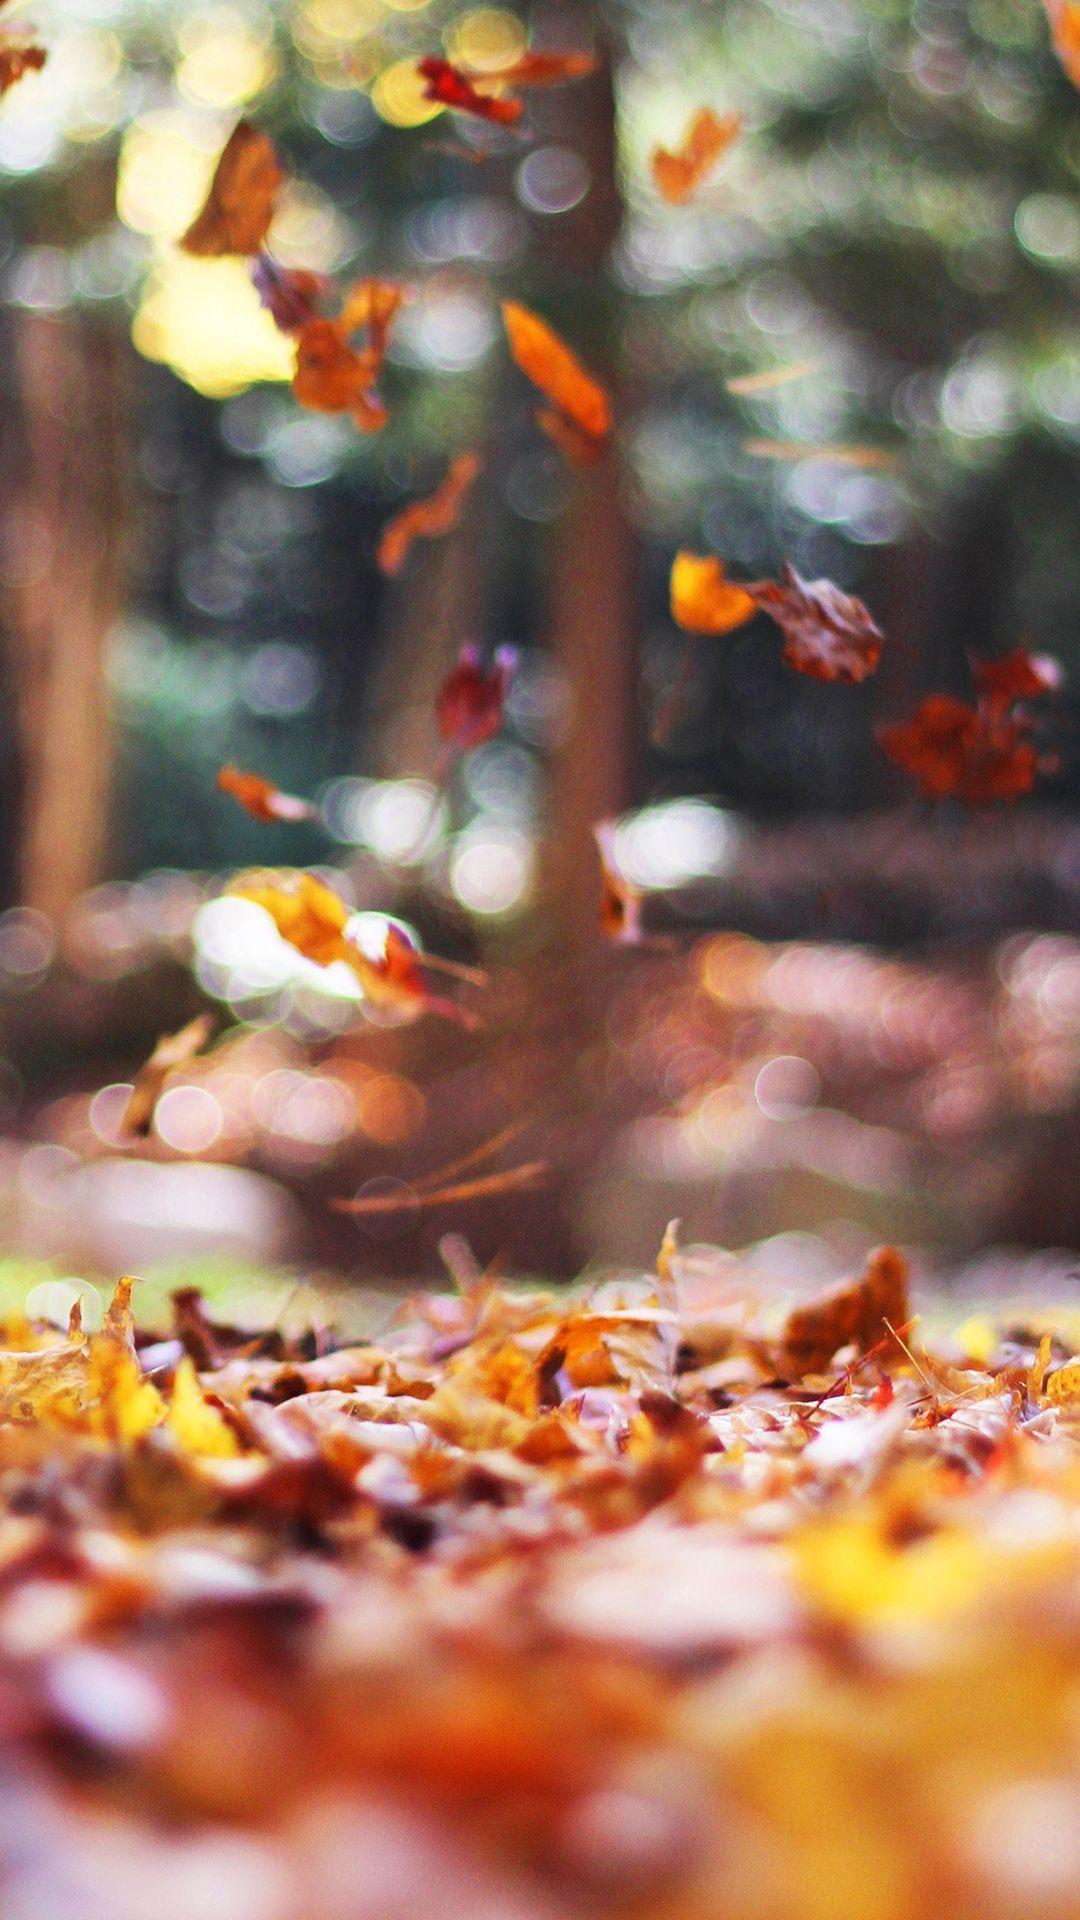 1080x1920 Mùa thu Lá thiên nhiên Cây Năm buồn Hình nền iphone.  - Tập tin media